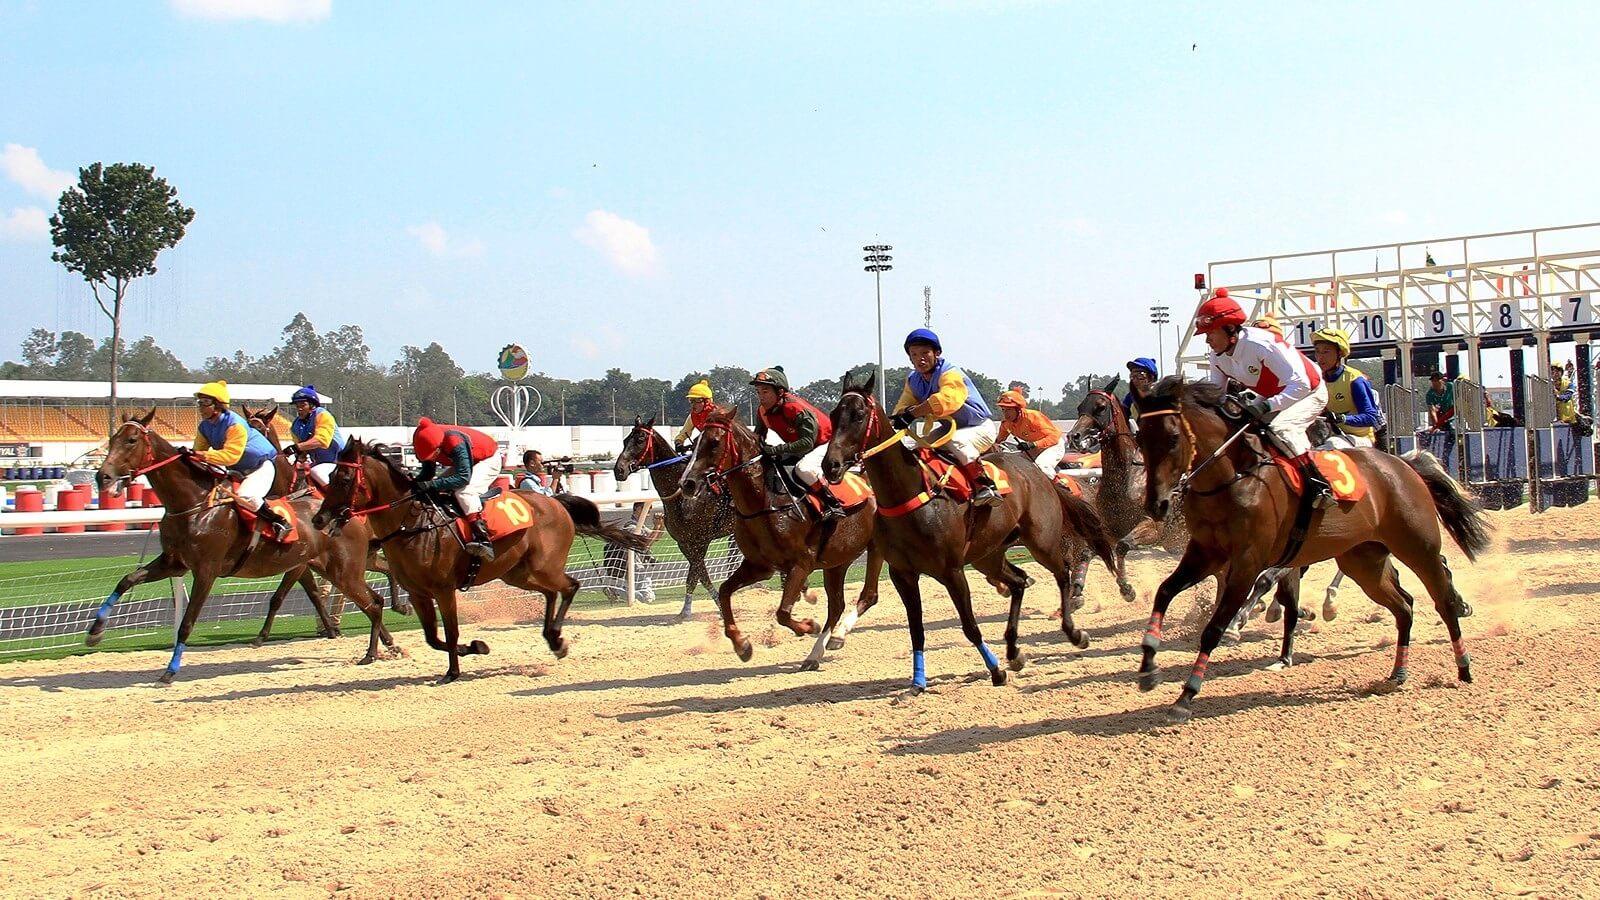 Dự án không chỉ có trường đưa ngựa là còn là tổ hợp quy mô đa chức năng.